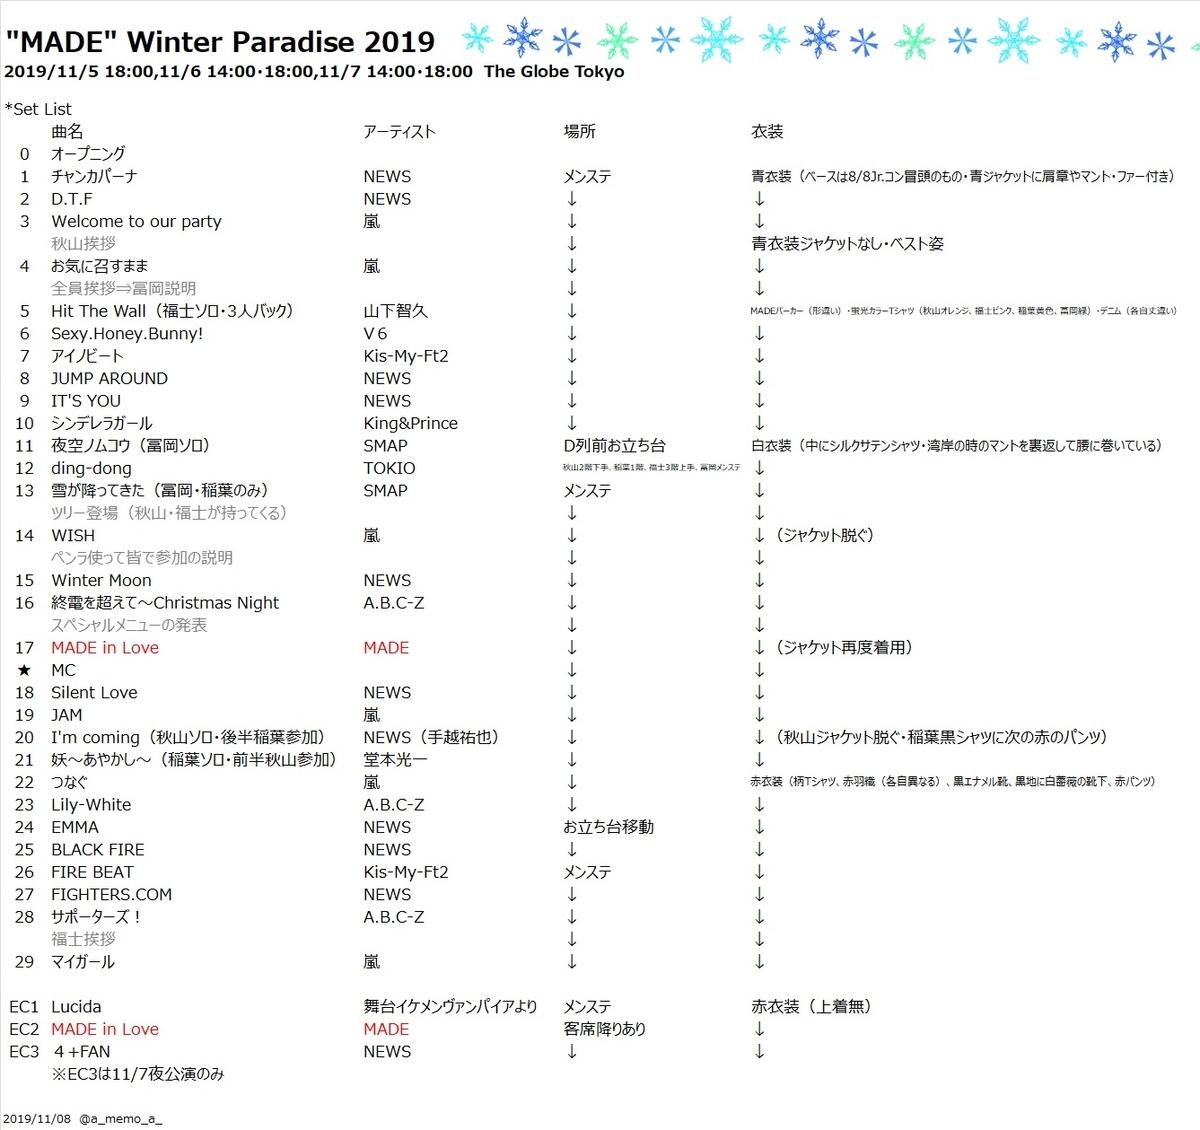 f:id:asami0331:20191110003210j:plain